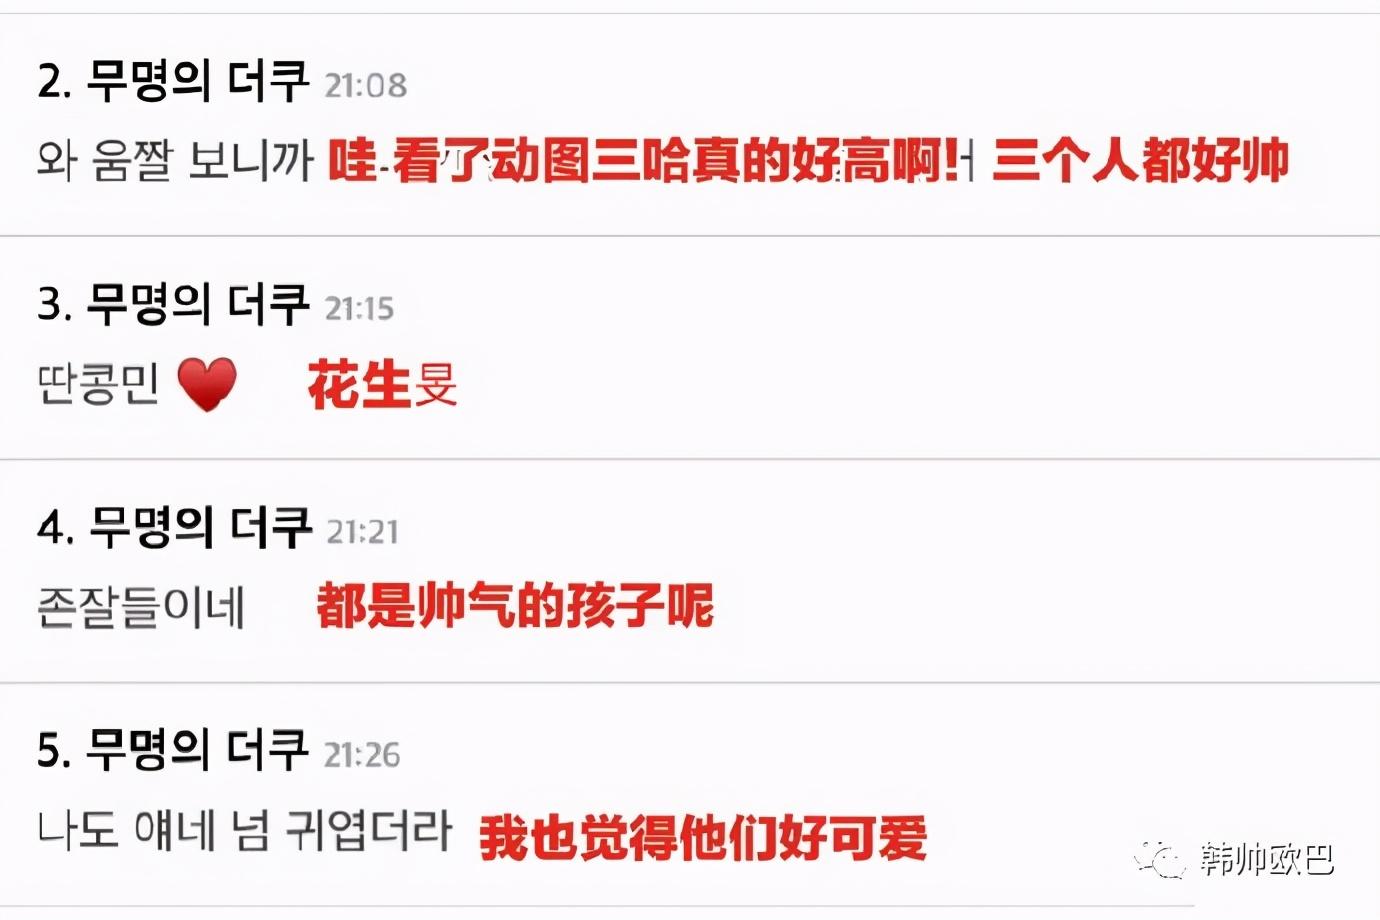 韩网友喜欢的音乐节目脸赞组合MC